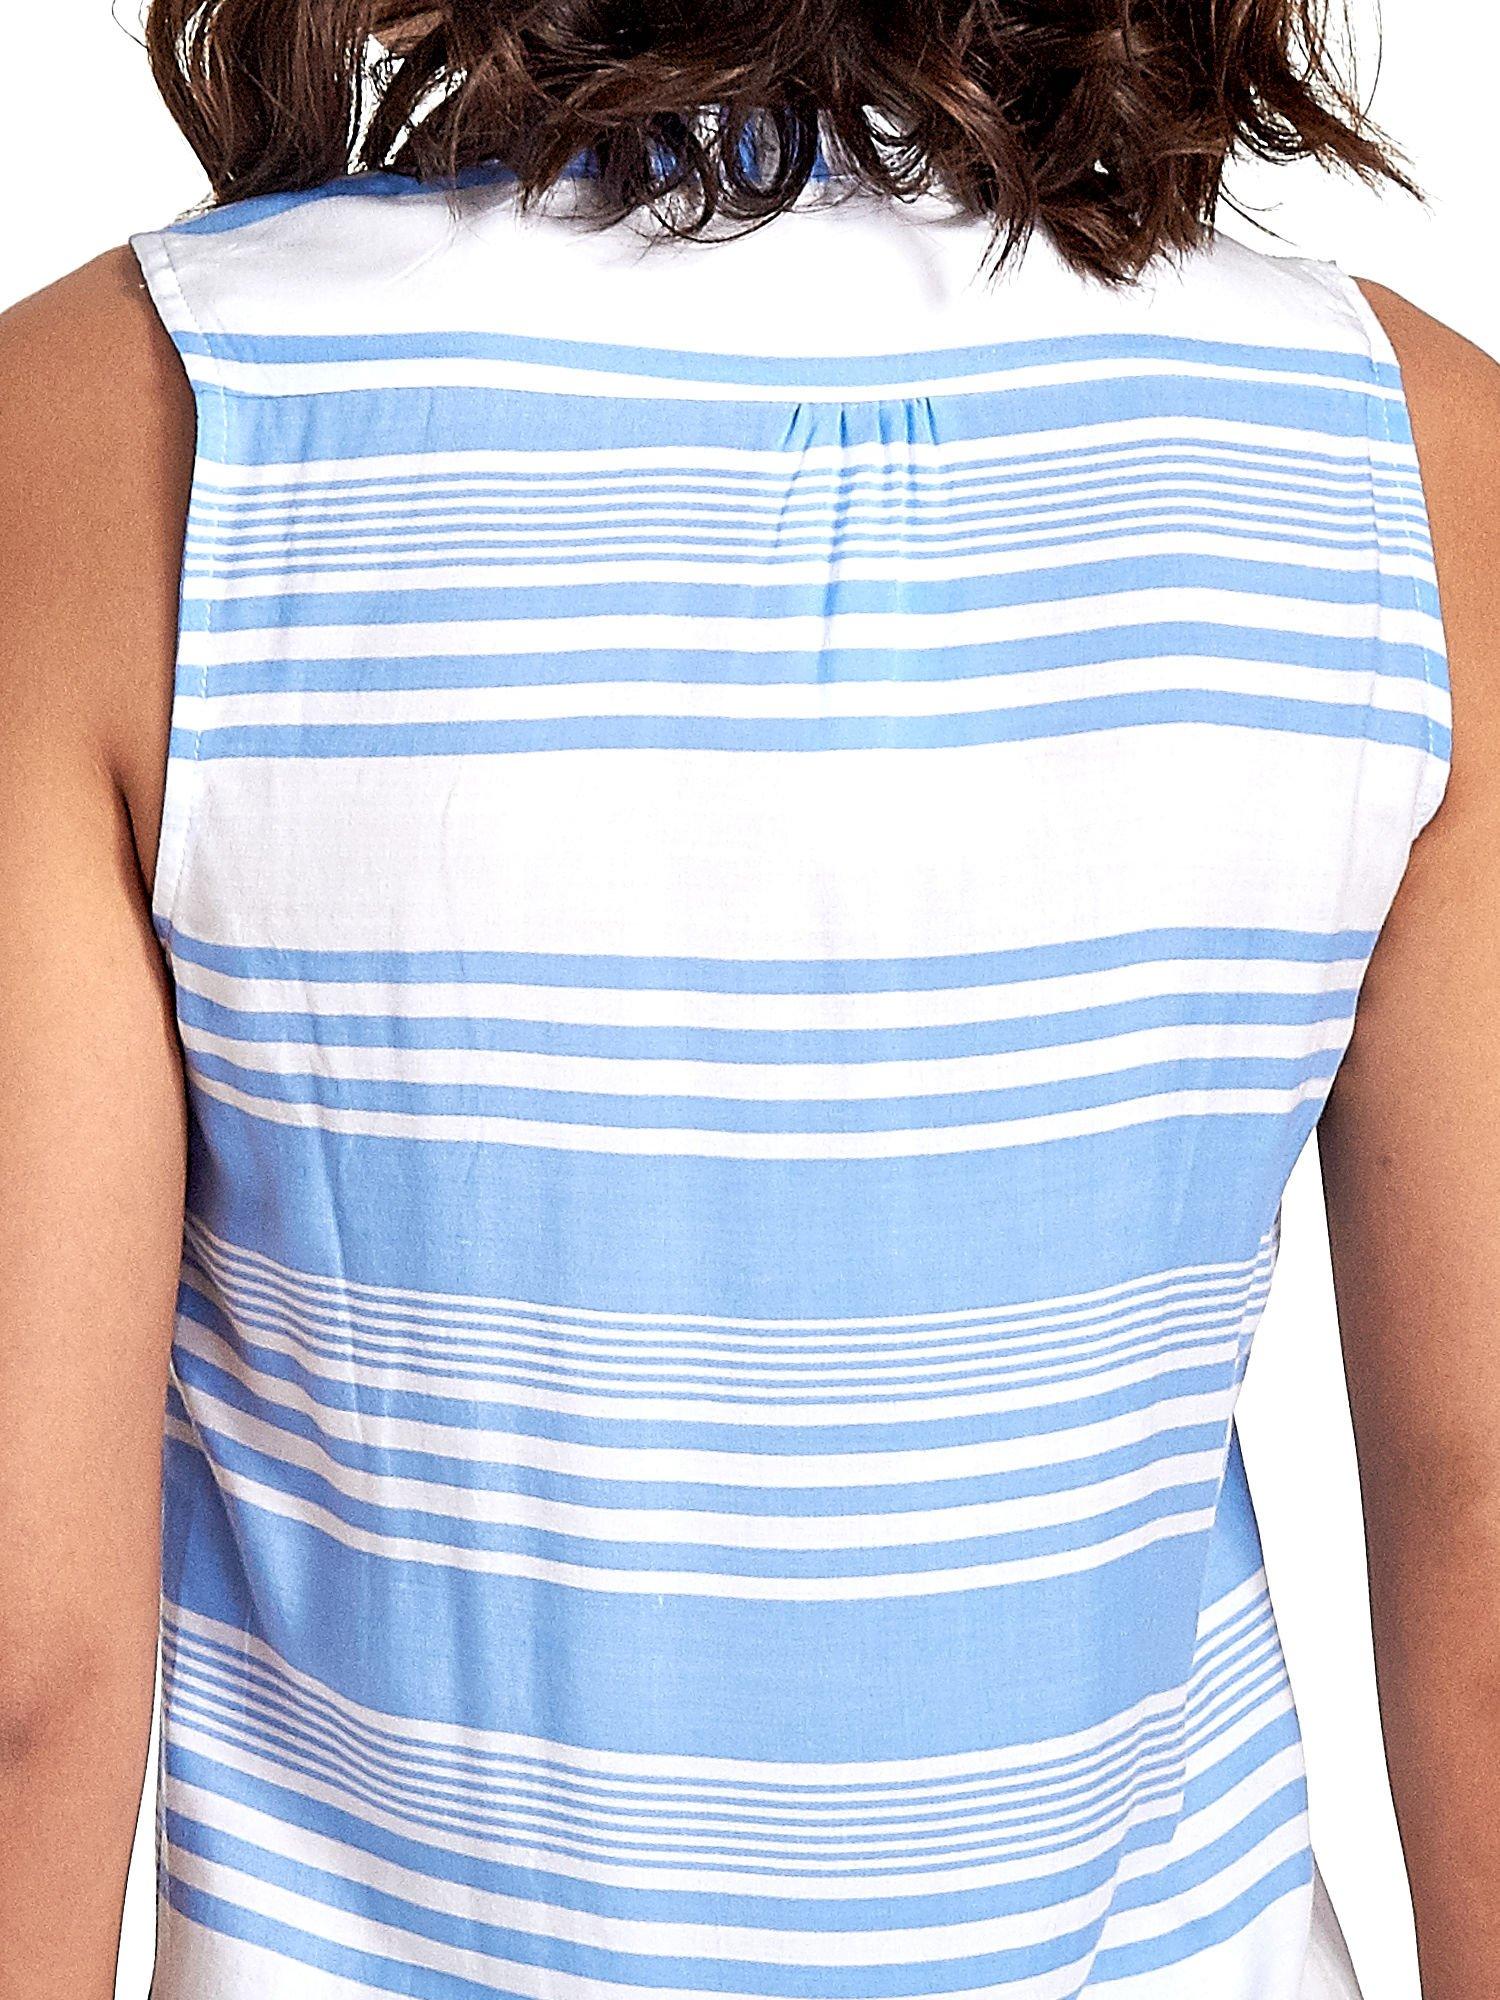 Niebieska koszula w paski bez rękawów                                  zdj.                                  6